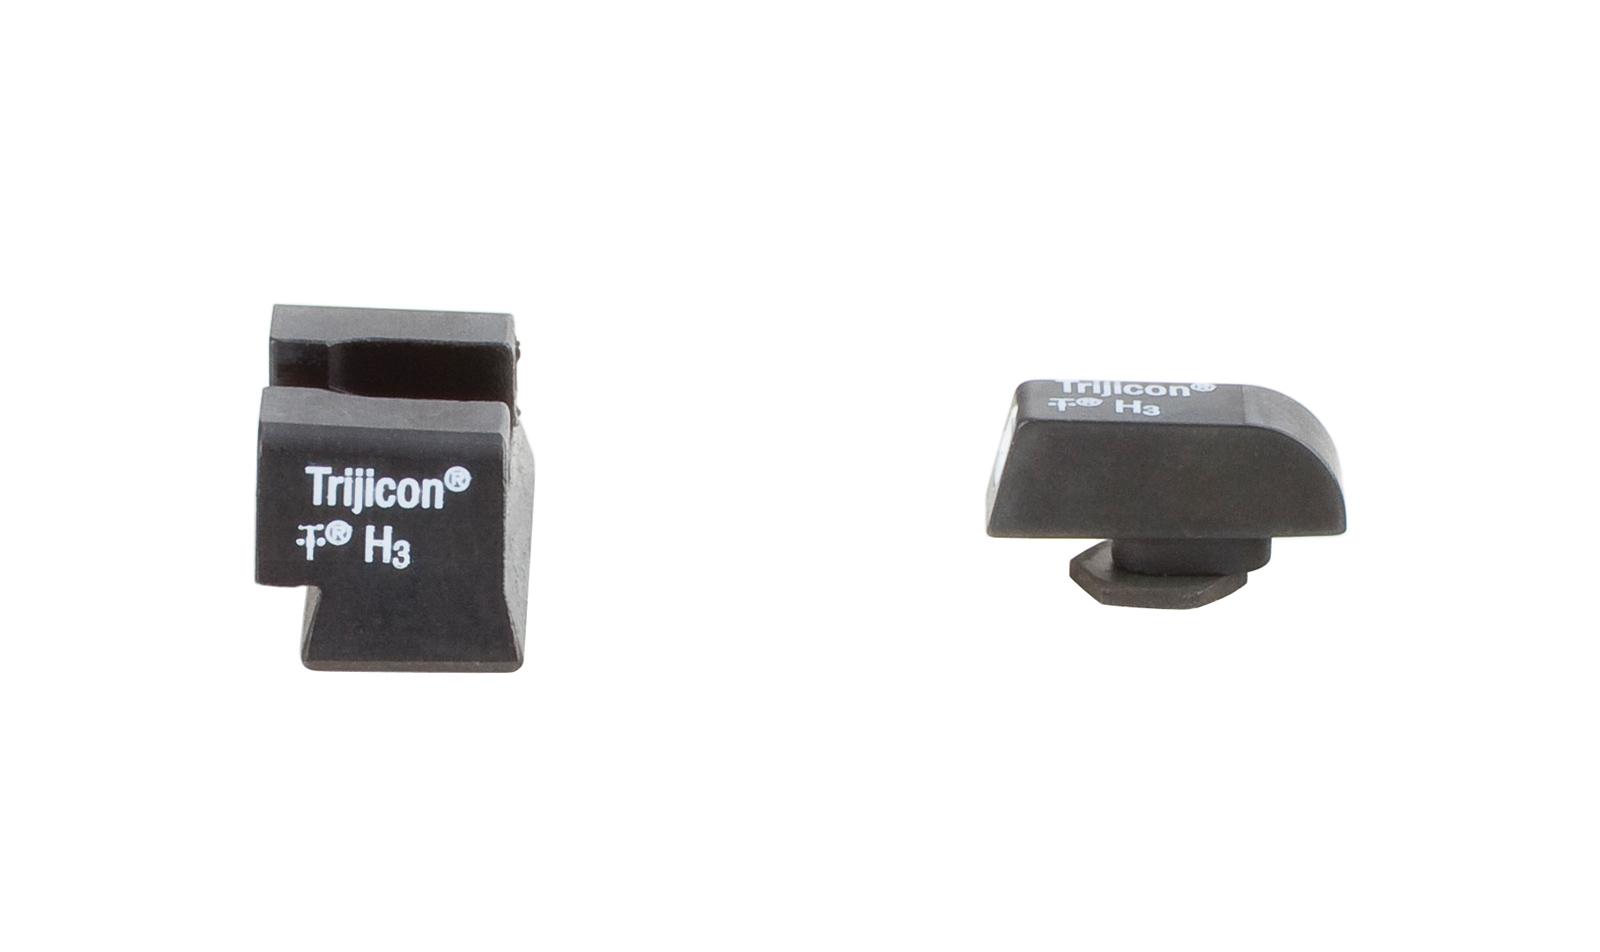 GL13-C-600777 angle 2